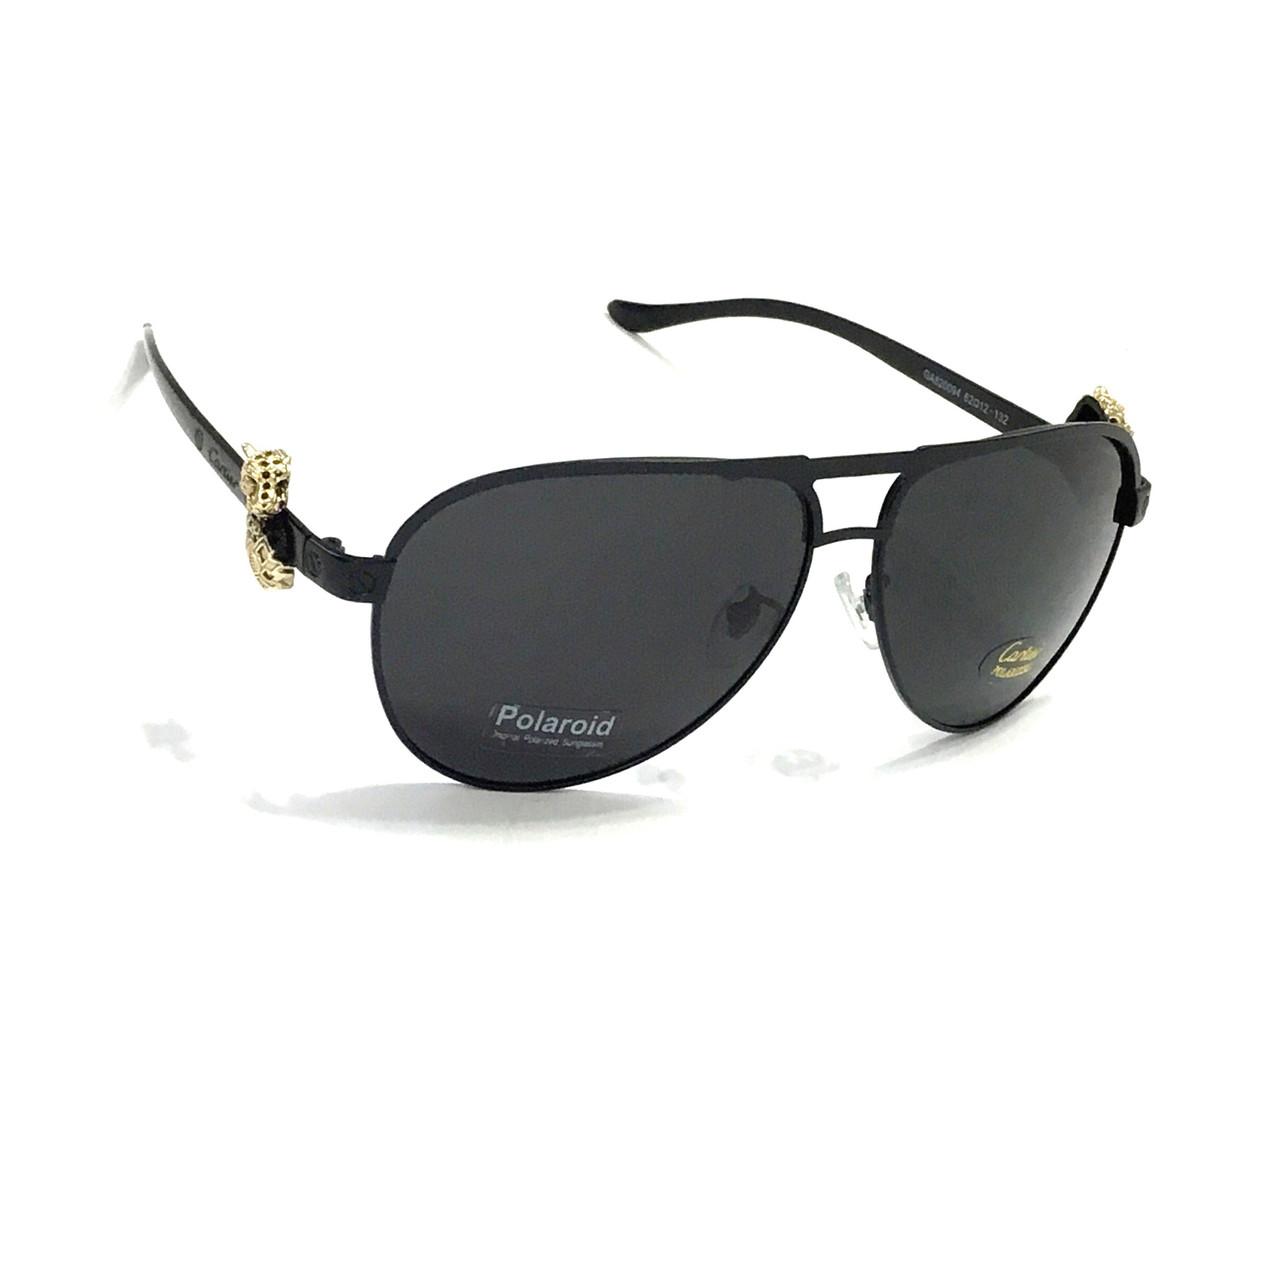 Мужские солнцезащитные очки с полароидной линзой Cartier